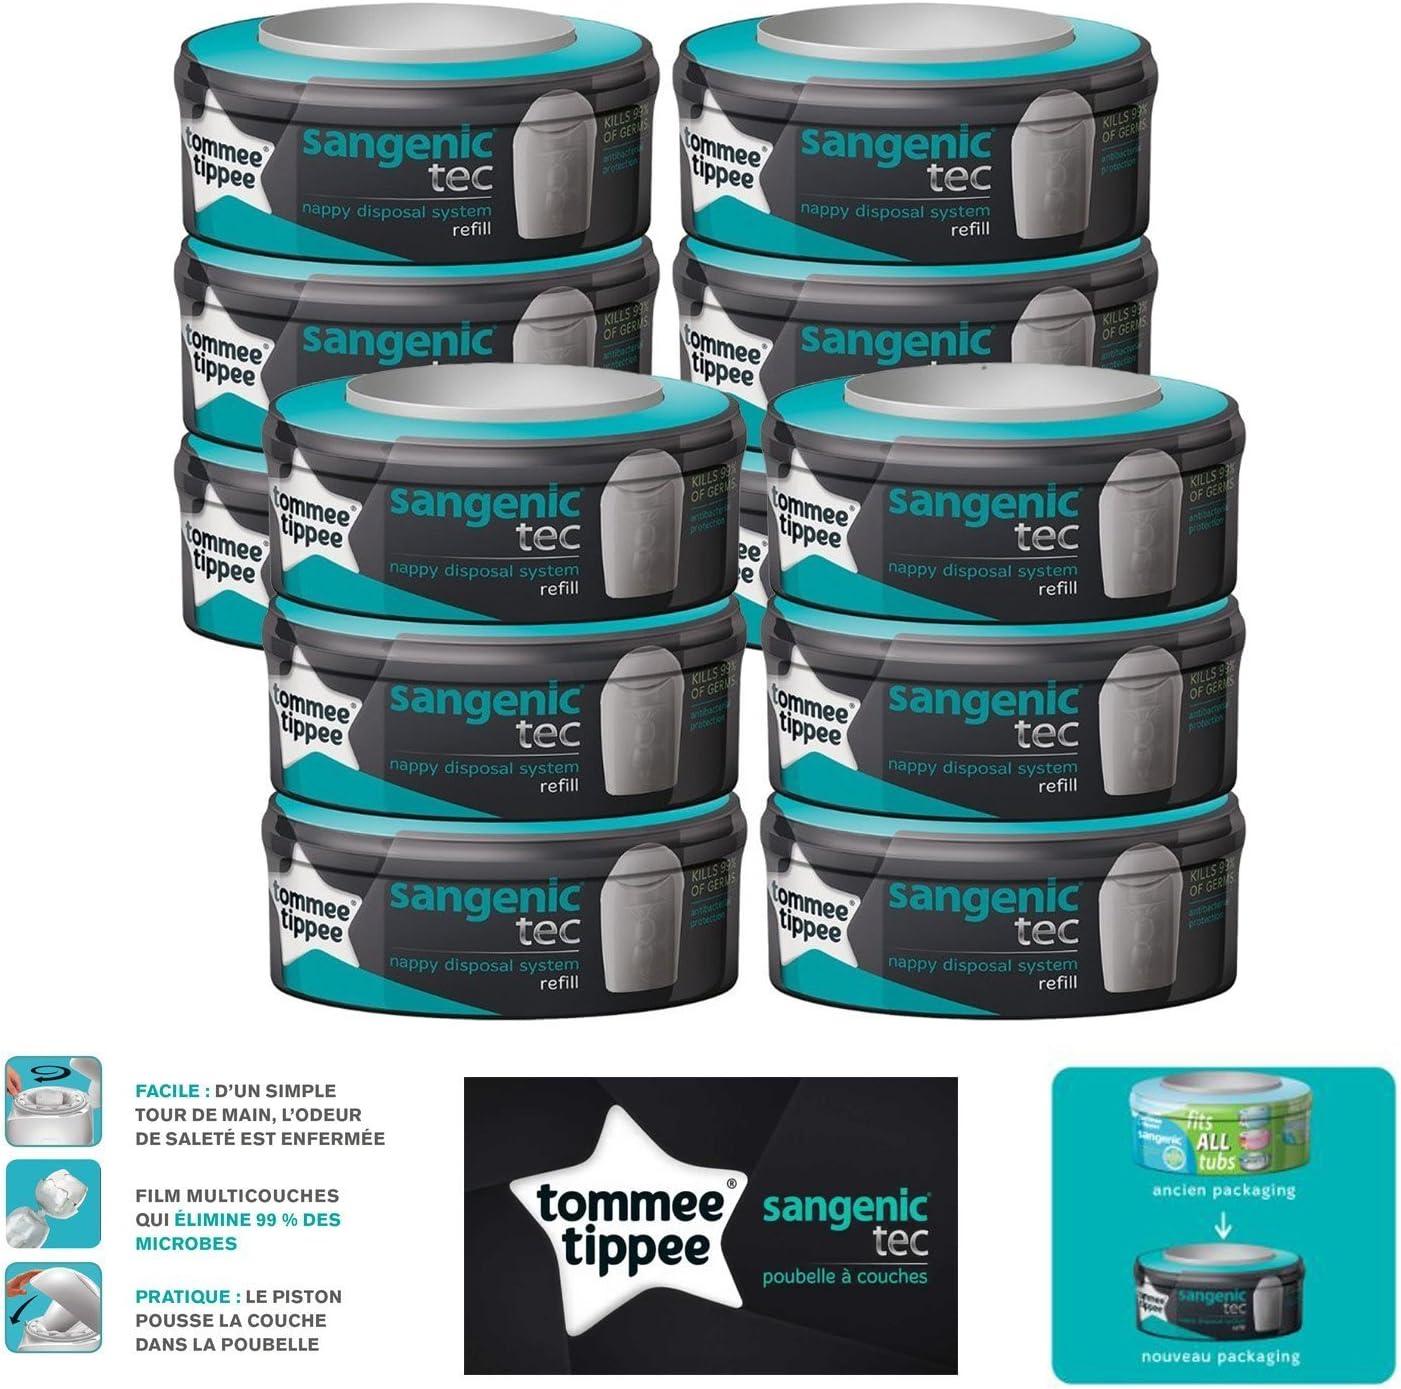 Tommee Tippee Sangenic Tec - Recarga para papelera de pañales – Juego de 12 unidades: Amazon.es: Bebé